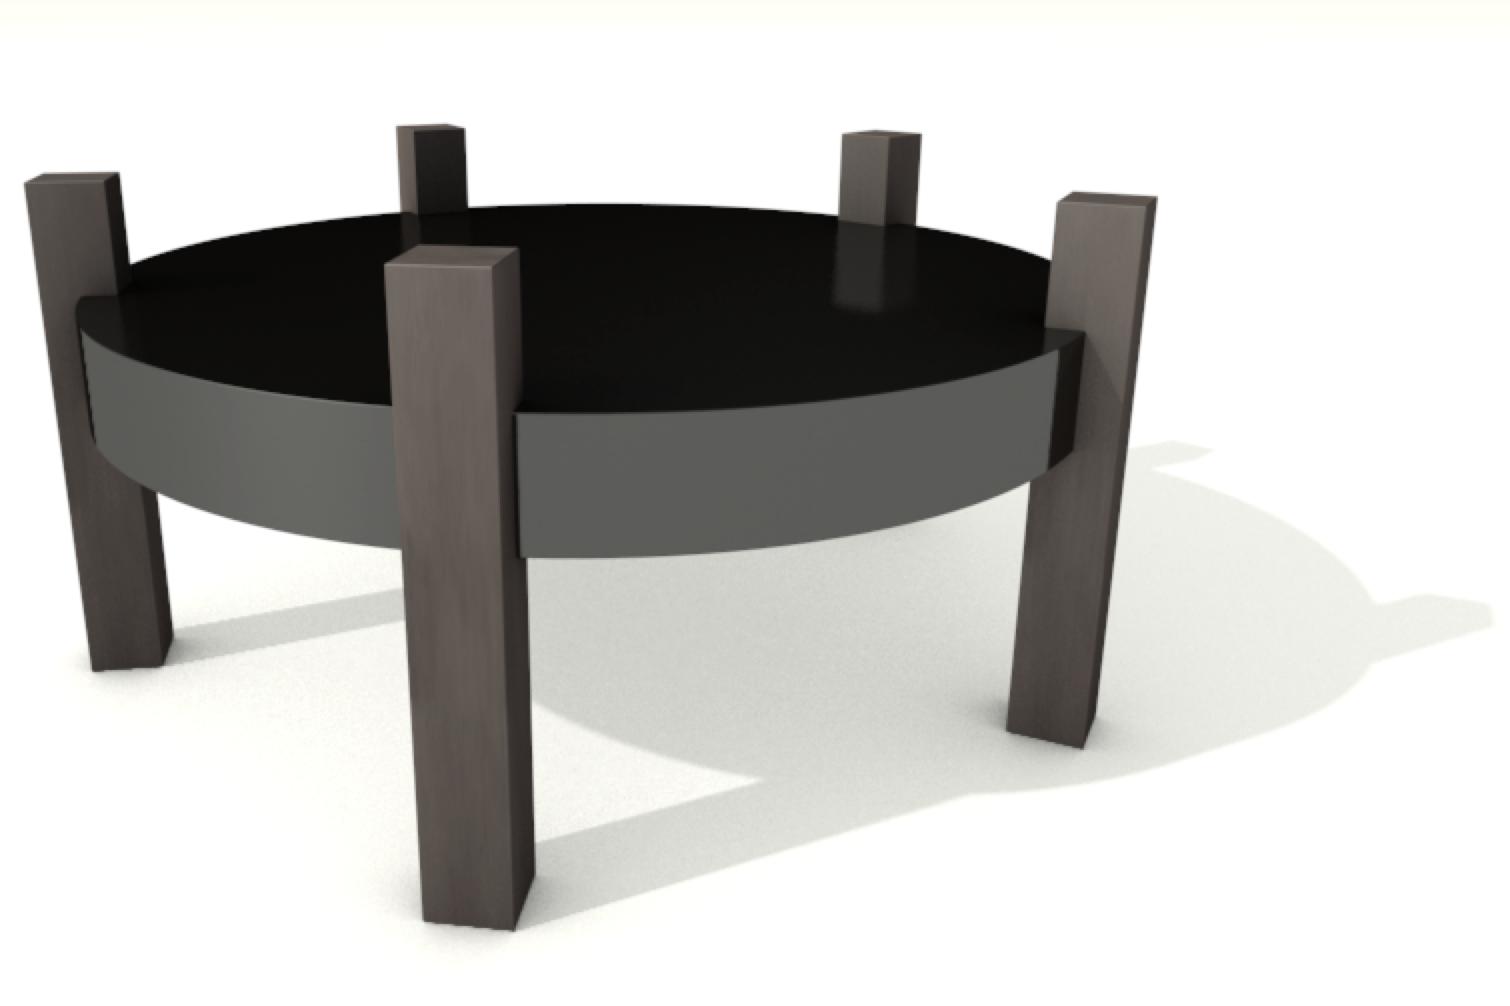 03 bung runder schwarz polierter niedriger tisch von. Black Bedroom Furniture Sets. Home Design Ideas